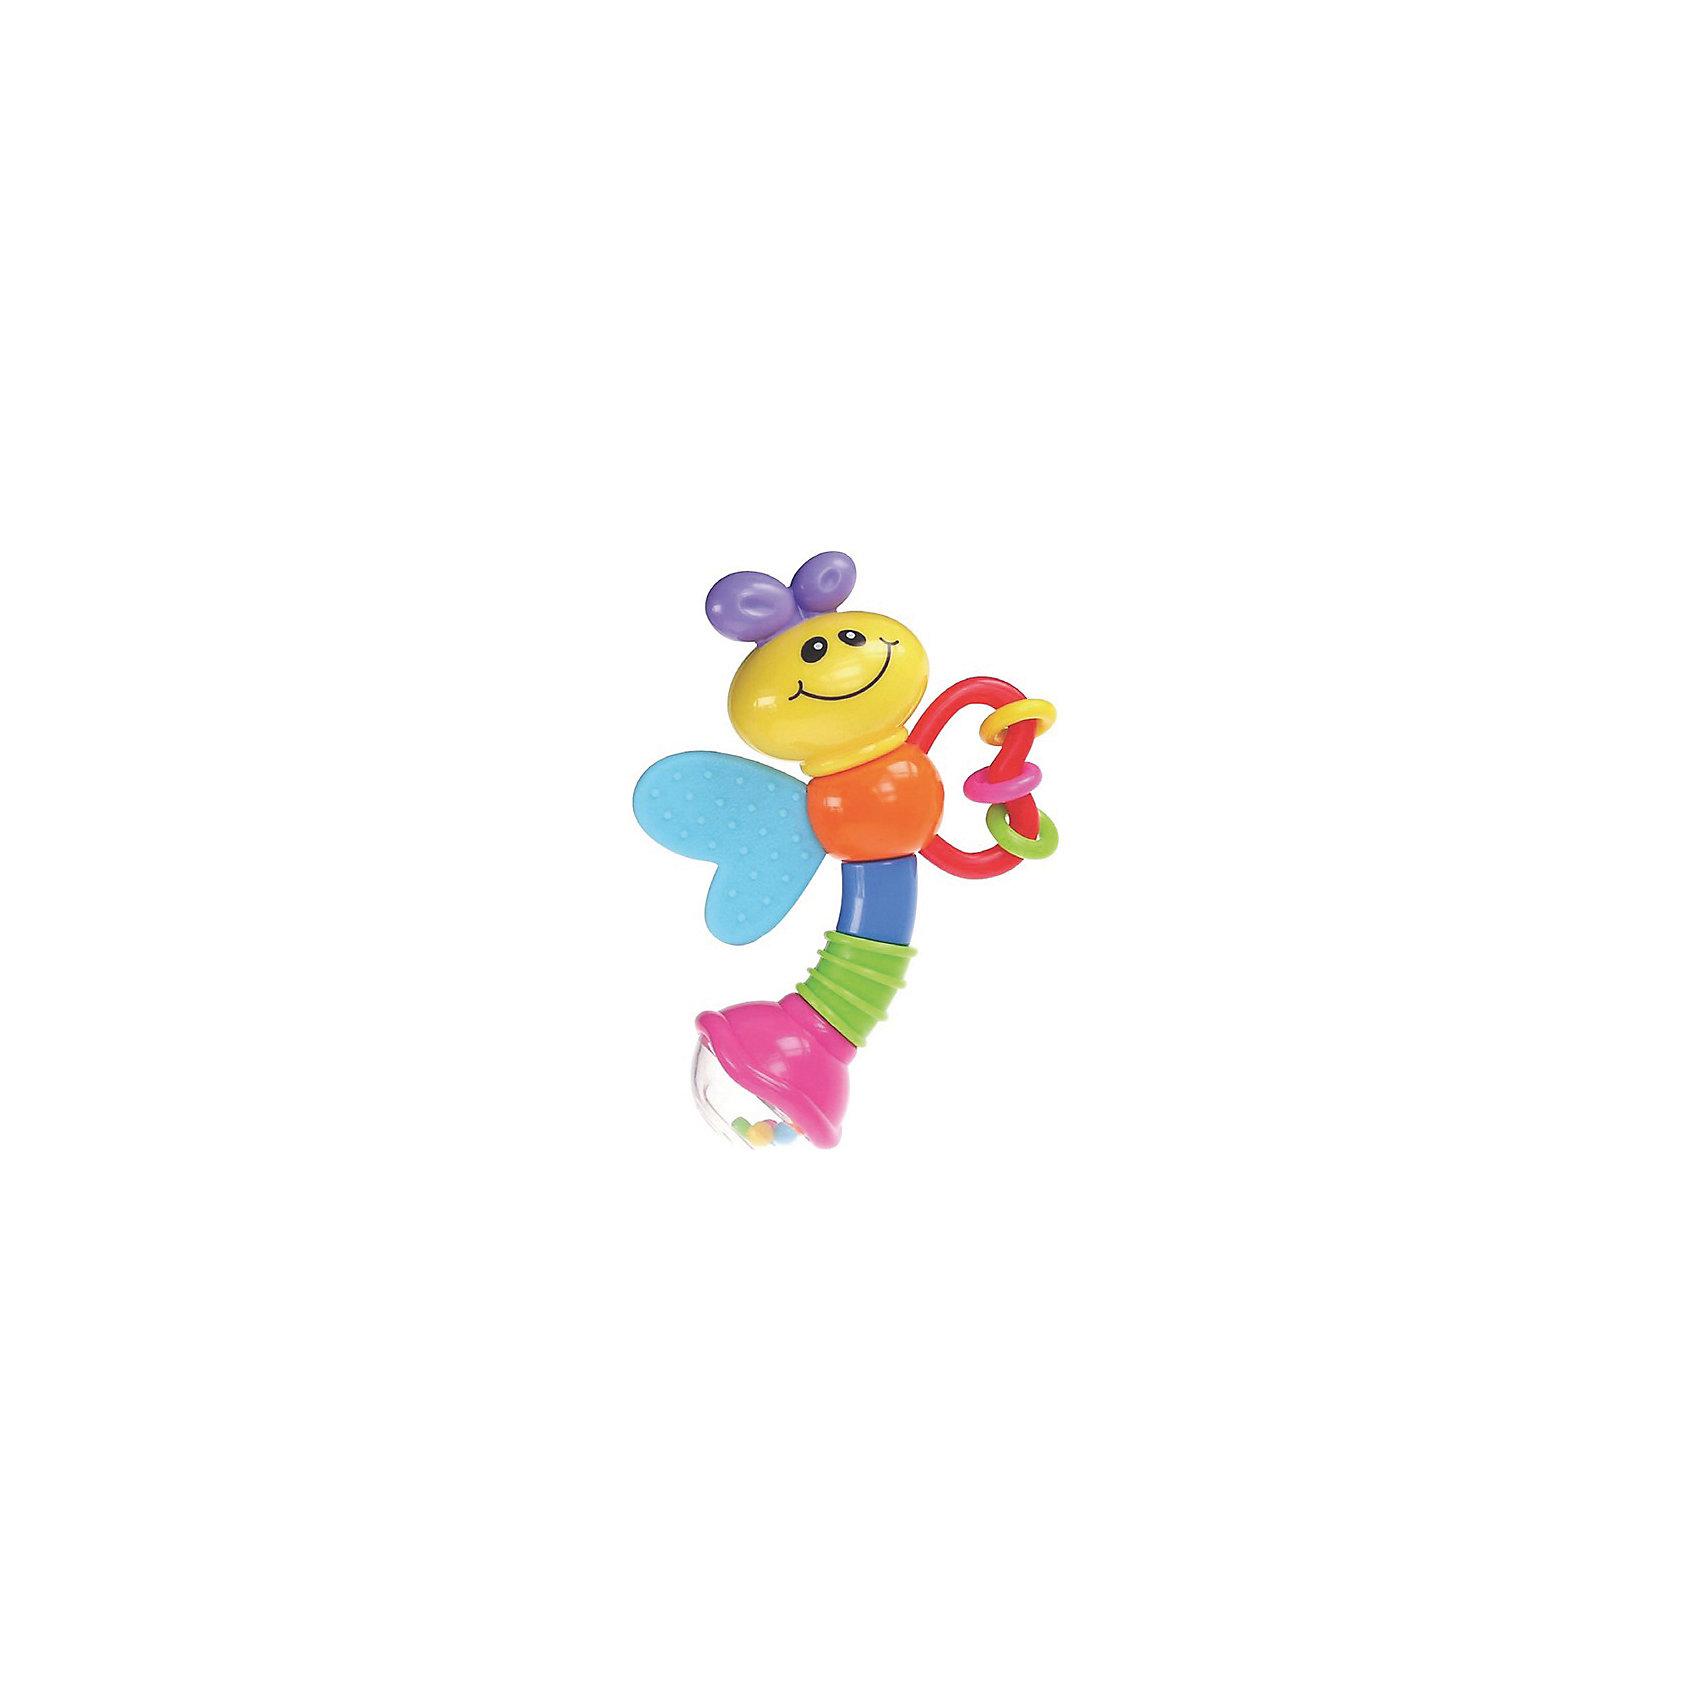 Игрушка Стрекоза, BKidsИгрушки для малышей<br>Развивать способности ребенка можно с самого раннего возраста. Делая это в игре, малыш всесторонне изучает мир и осваивает новые навыки. Эта игрушка представляет собой погремушку и прорезыватель в виде стрекозы с фактурной поверхностью. <br>Такие игрушки способствуют развитию мелкой моторики, воображения, цвето- и звуковосприятия, тактильных ощущений и обучению. Изделие разработано специально для самых маленьких. Сделано из материалов, безопасных для детей.<br><br>Дополнительная информация:<br><br>цвет: разноцветный;<br>размер упаковки: 10 х 10 см;<br>возраст: с рождения.<br><br>Игрушку Стрекоза от бренда BKids можно купить в нашем интернет-магазине.<br><br>Ширина мм: 101<br>Глубина мм: 101<br>Высота мм: 20<br>Вес г: 95<br>Возраст от месяцев: 0<br>Возраст до месяцев: 36<br>Пол: Унисекс<br>Возраст: Детский<br>SKU: 5055388